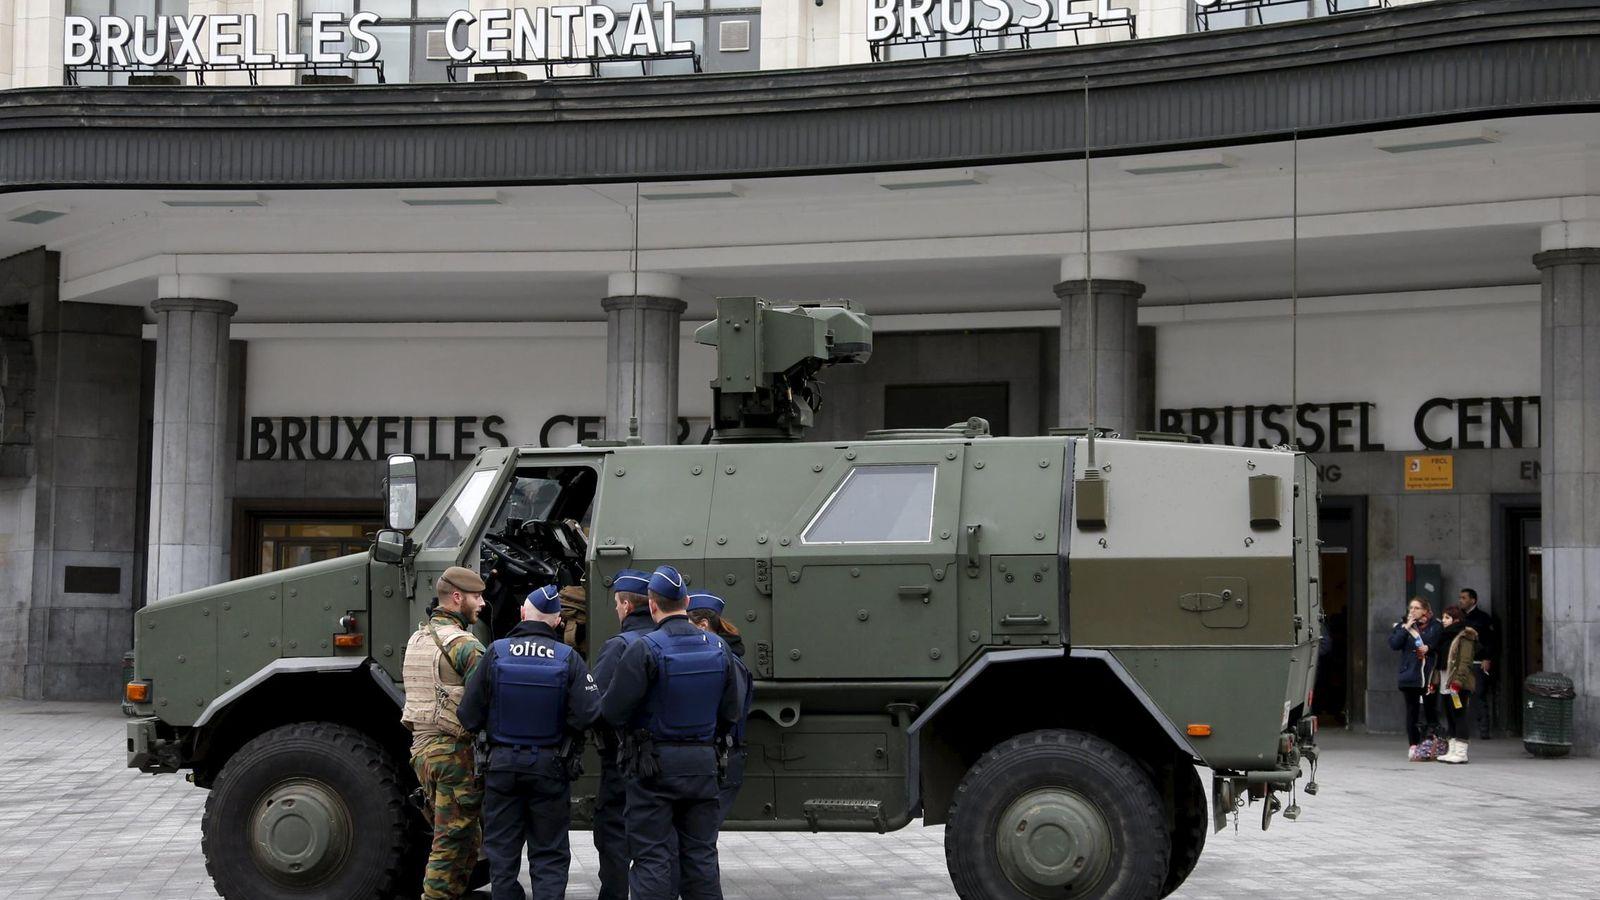 Foto: Un furgón blindado y soldados del ejército desplegados en Bruselas. (Reuters)